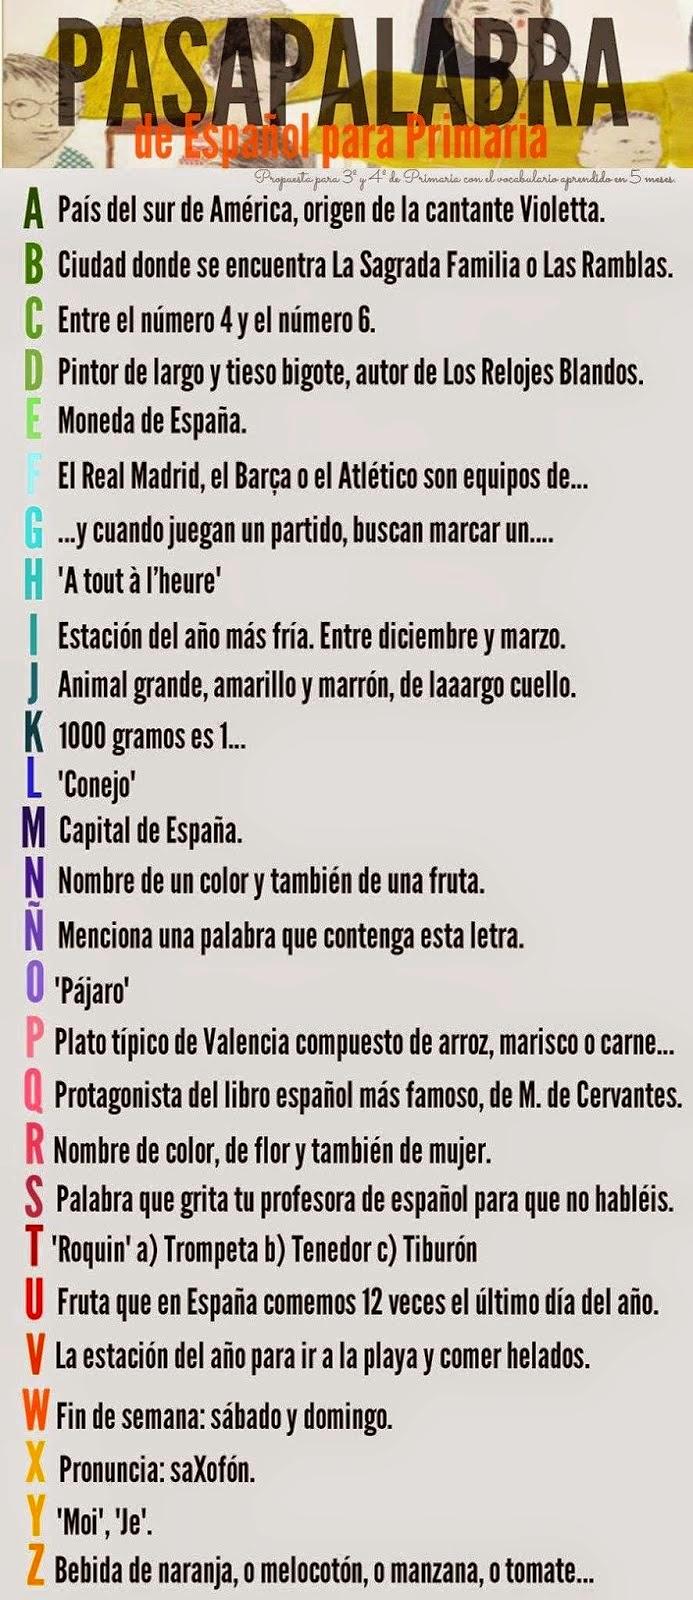 Hispanalia Español Desde Puerto Rico Pasapalabra Y Ni Sí Ni No Ni Blanco Ni Negro